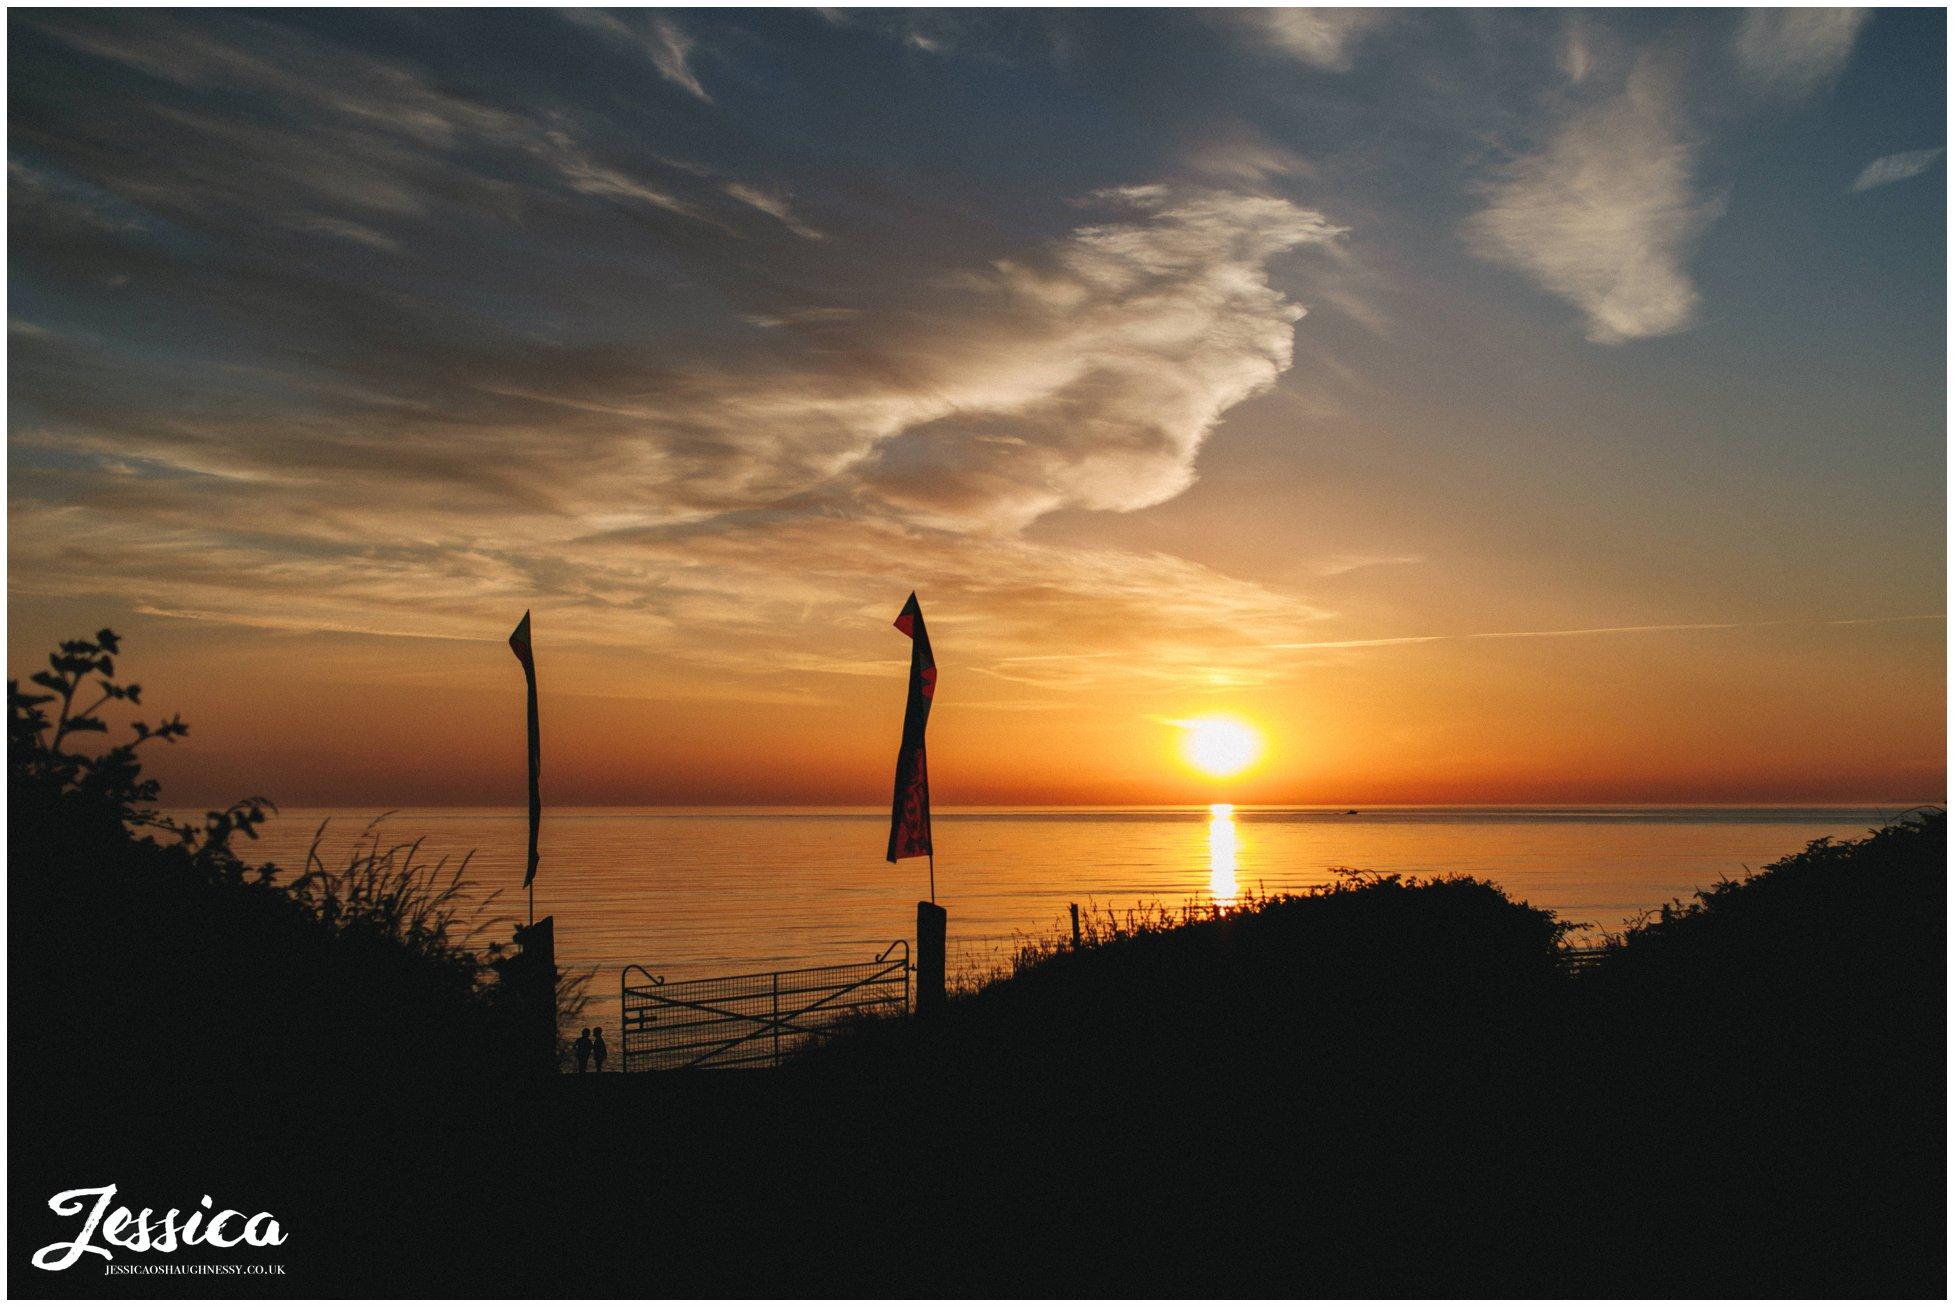 the sun finally sets over Caernarfon bay